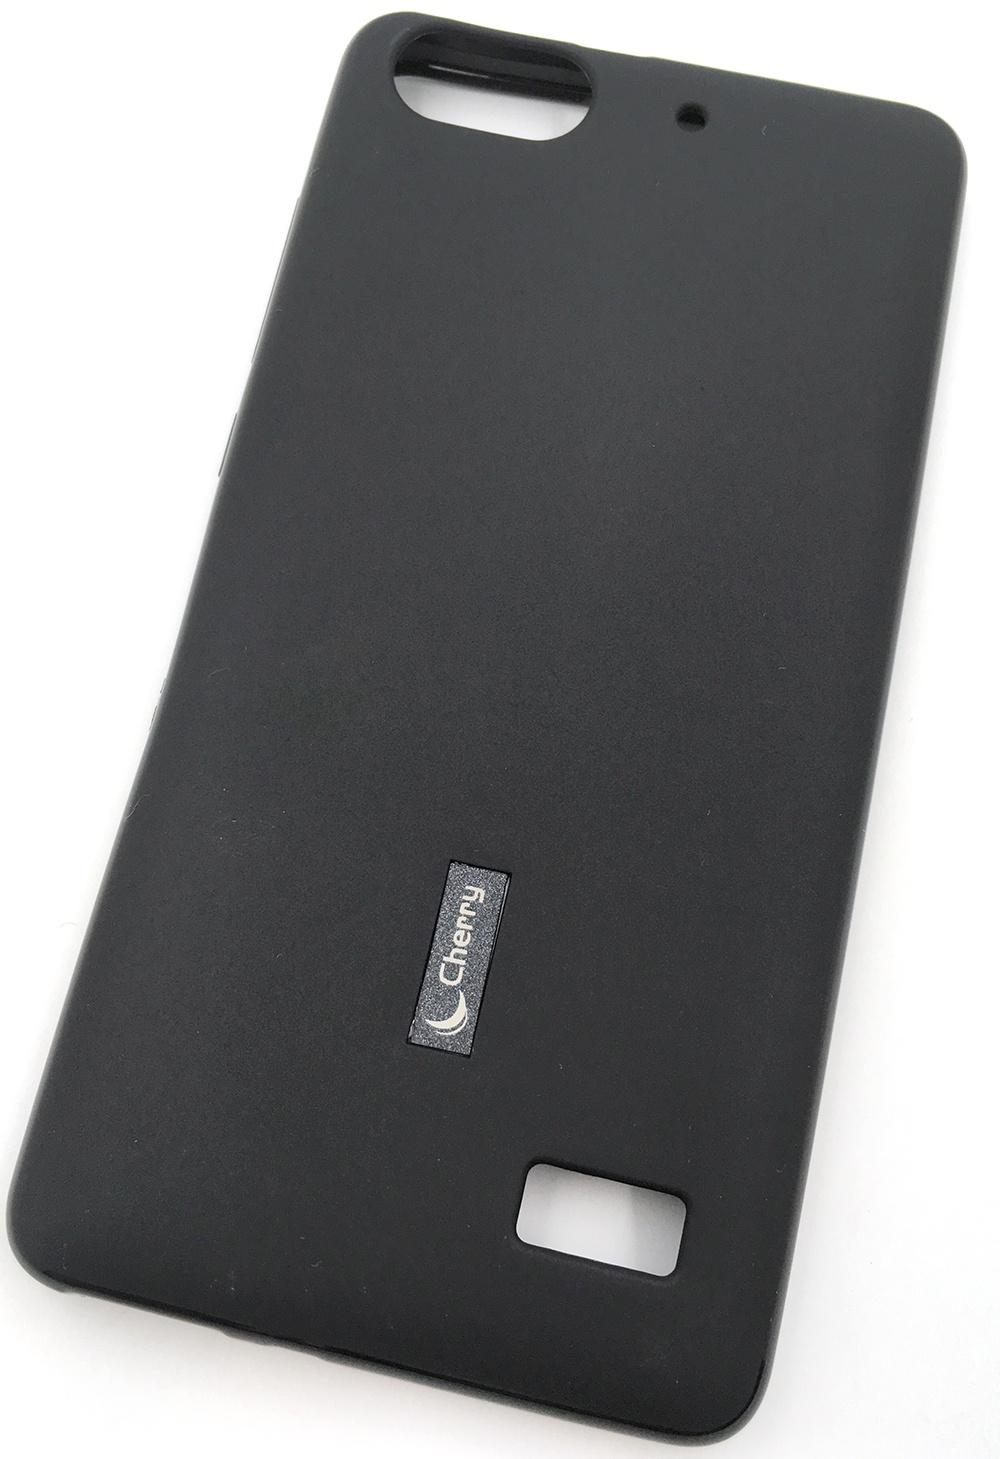 цены Чехол для сотового телефона Cherry Huawei Honor 4C Накладка резиновая с пленкой на экран, черный